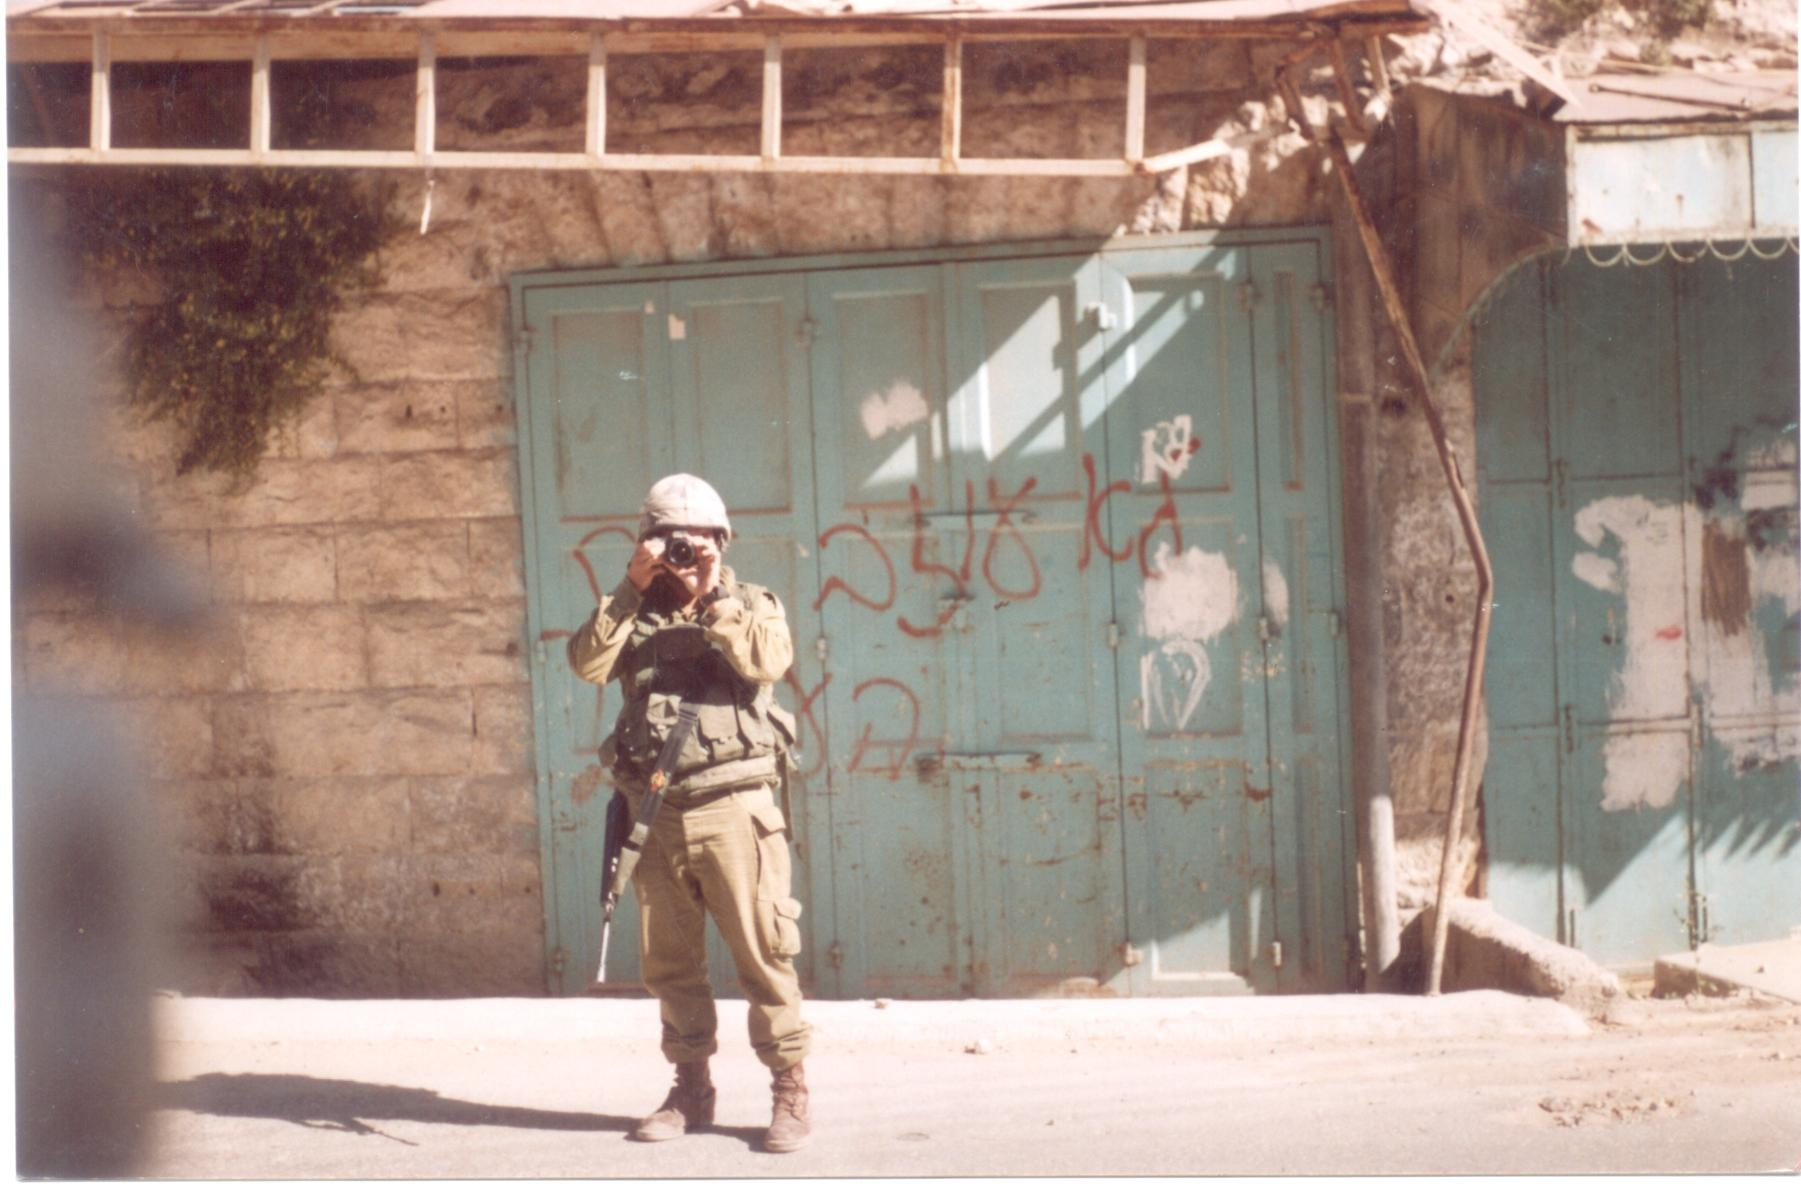 Żołnierz (fot. Jehuda Szaul)